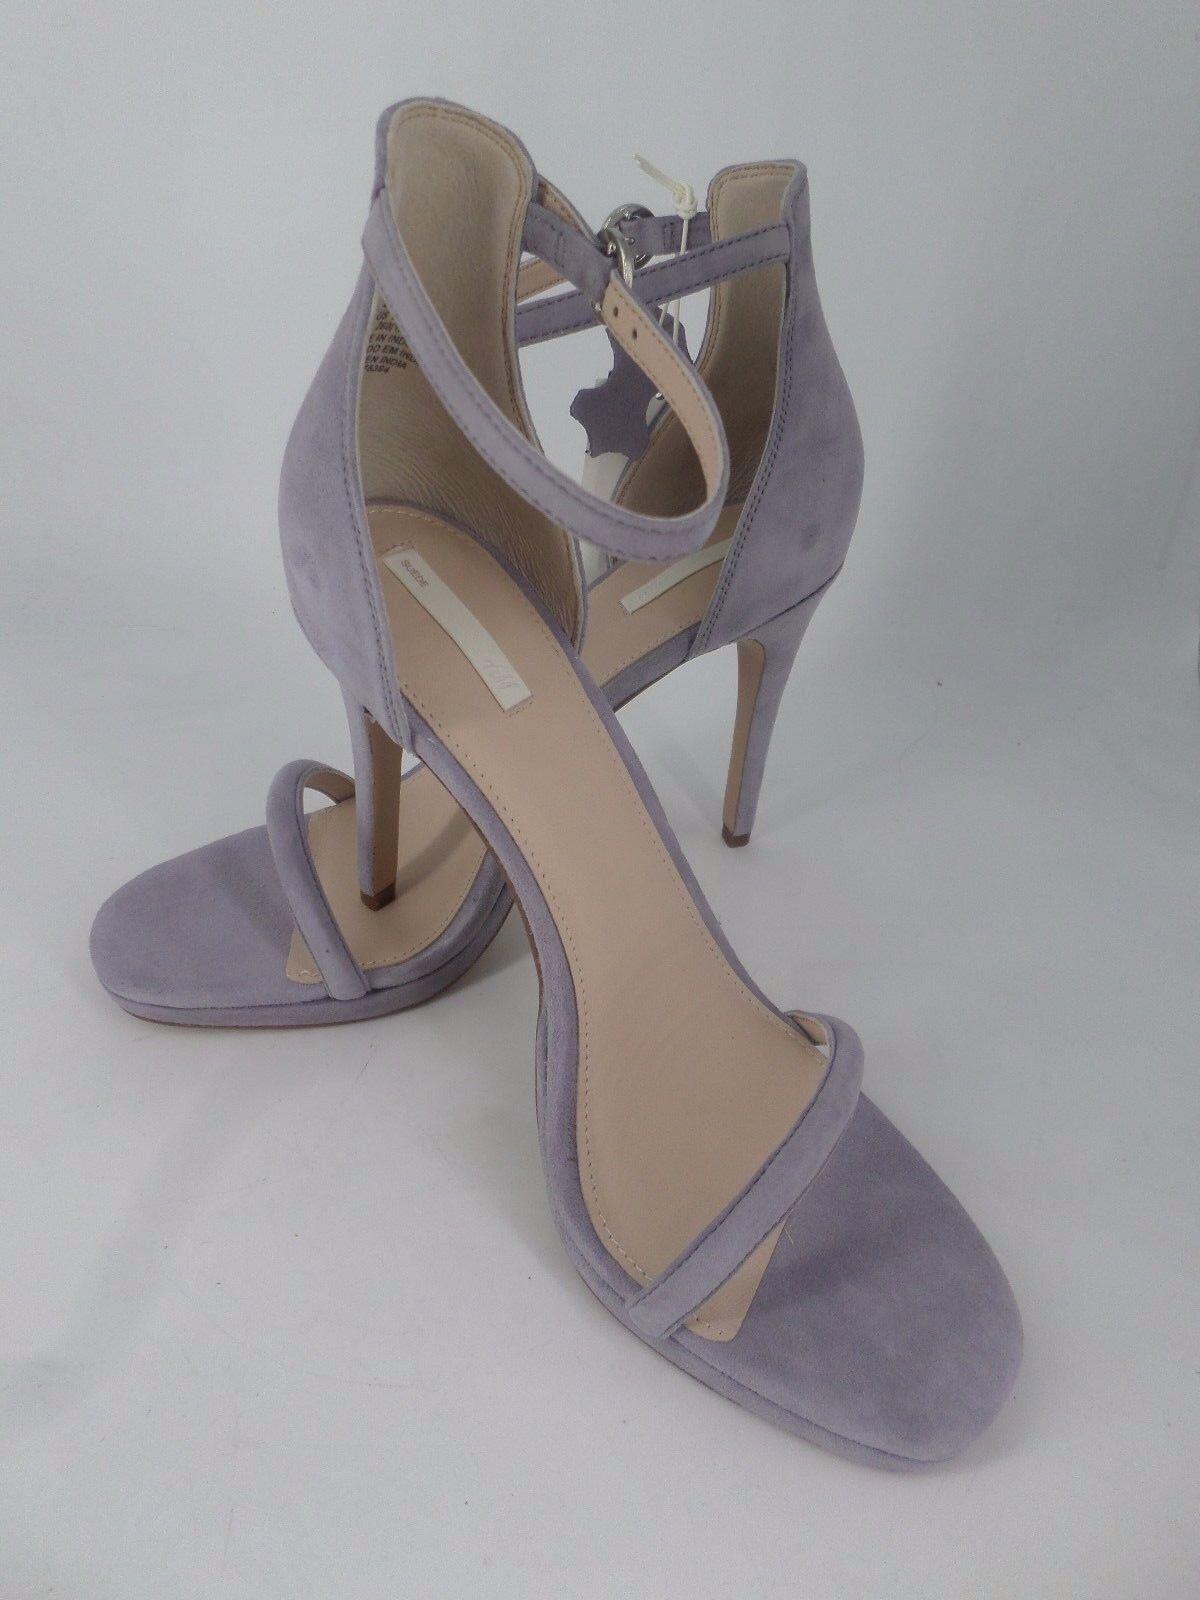 H&M Premium Quality Suede Sandals Purple bluesh UK 7 EU 41 LN22 98 SALEs